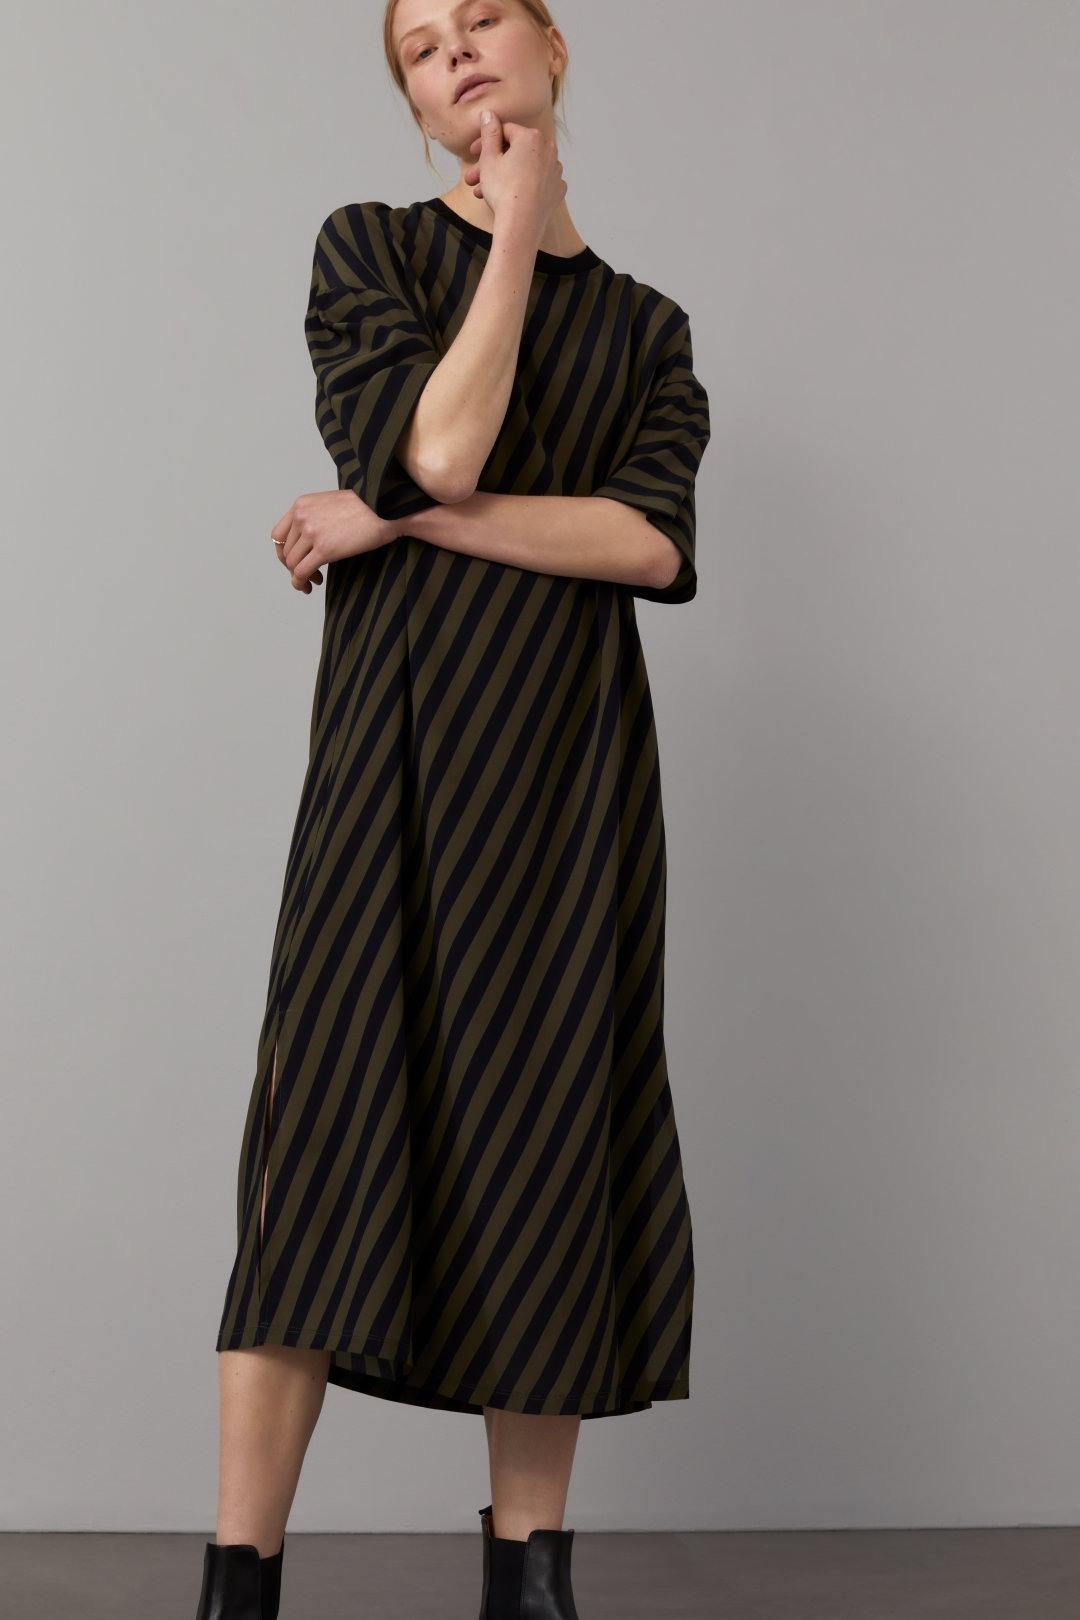 15 Cool Kleider Kleider Stylish10 Großartig Kleider Kleider Vertrieb